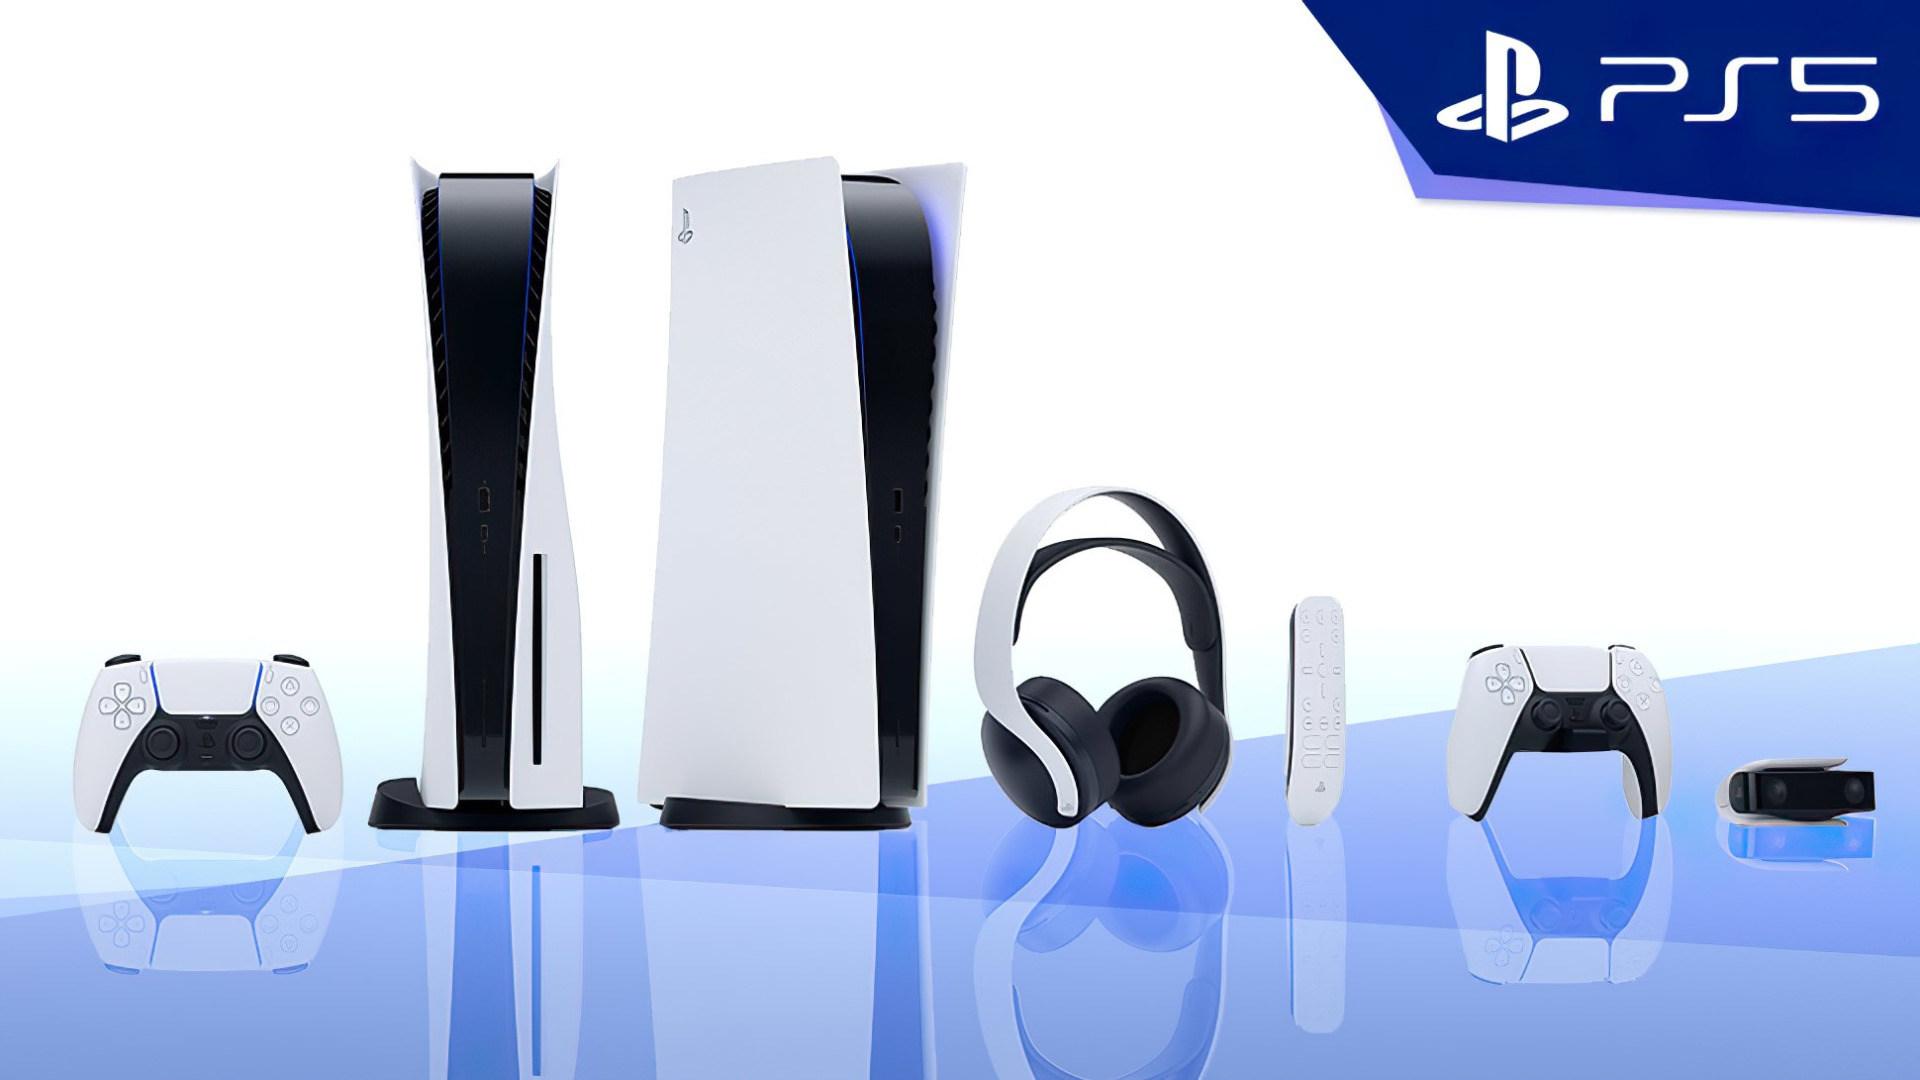 Playstation, PlayStation 5, ps5, Sony PlayStation 5, PlayStation Controller, PlayStation 5 Controller, Playstation Logo, Dualshock 5